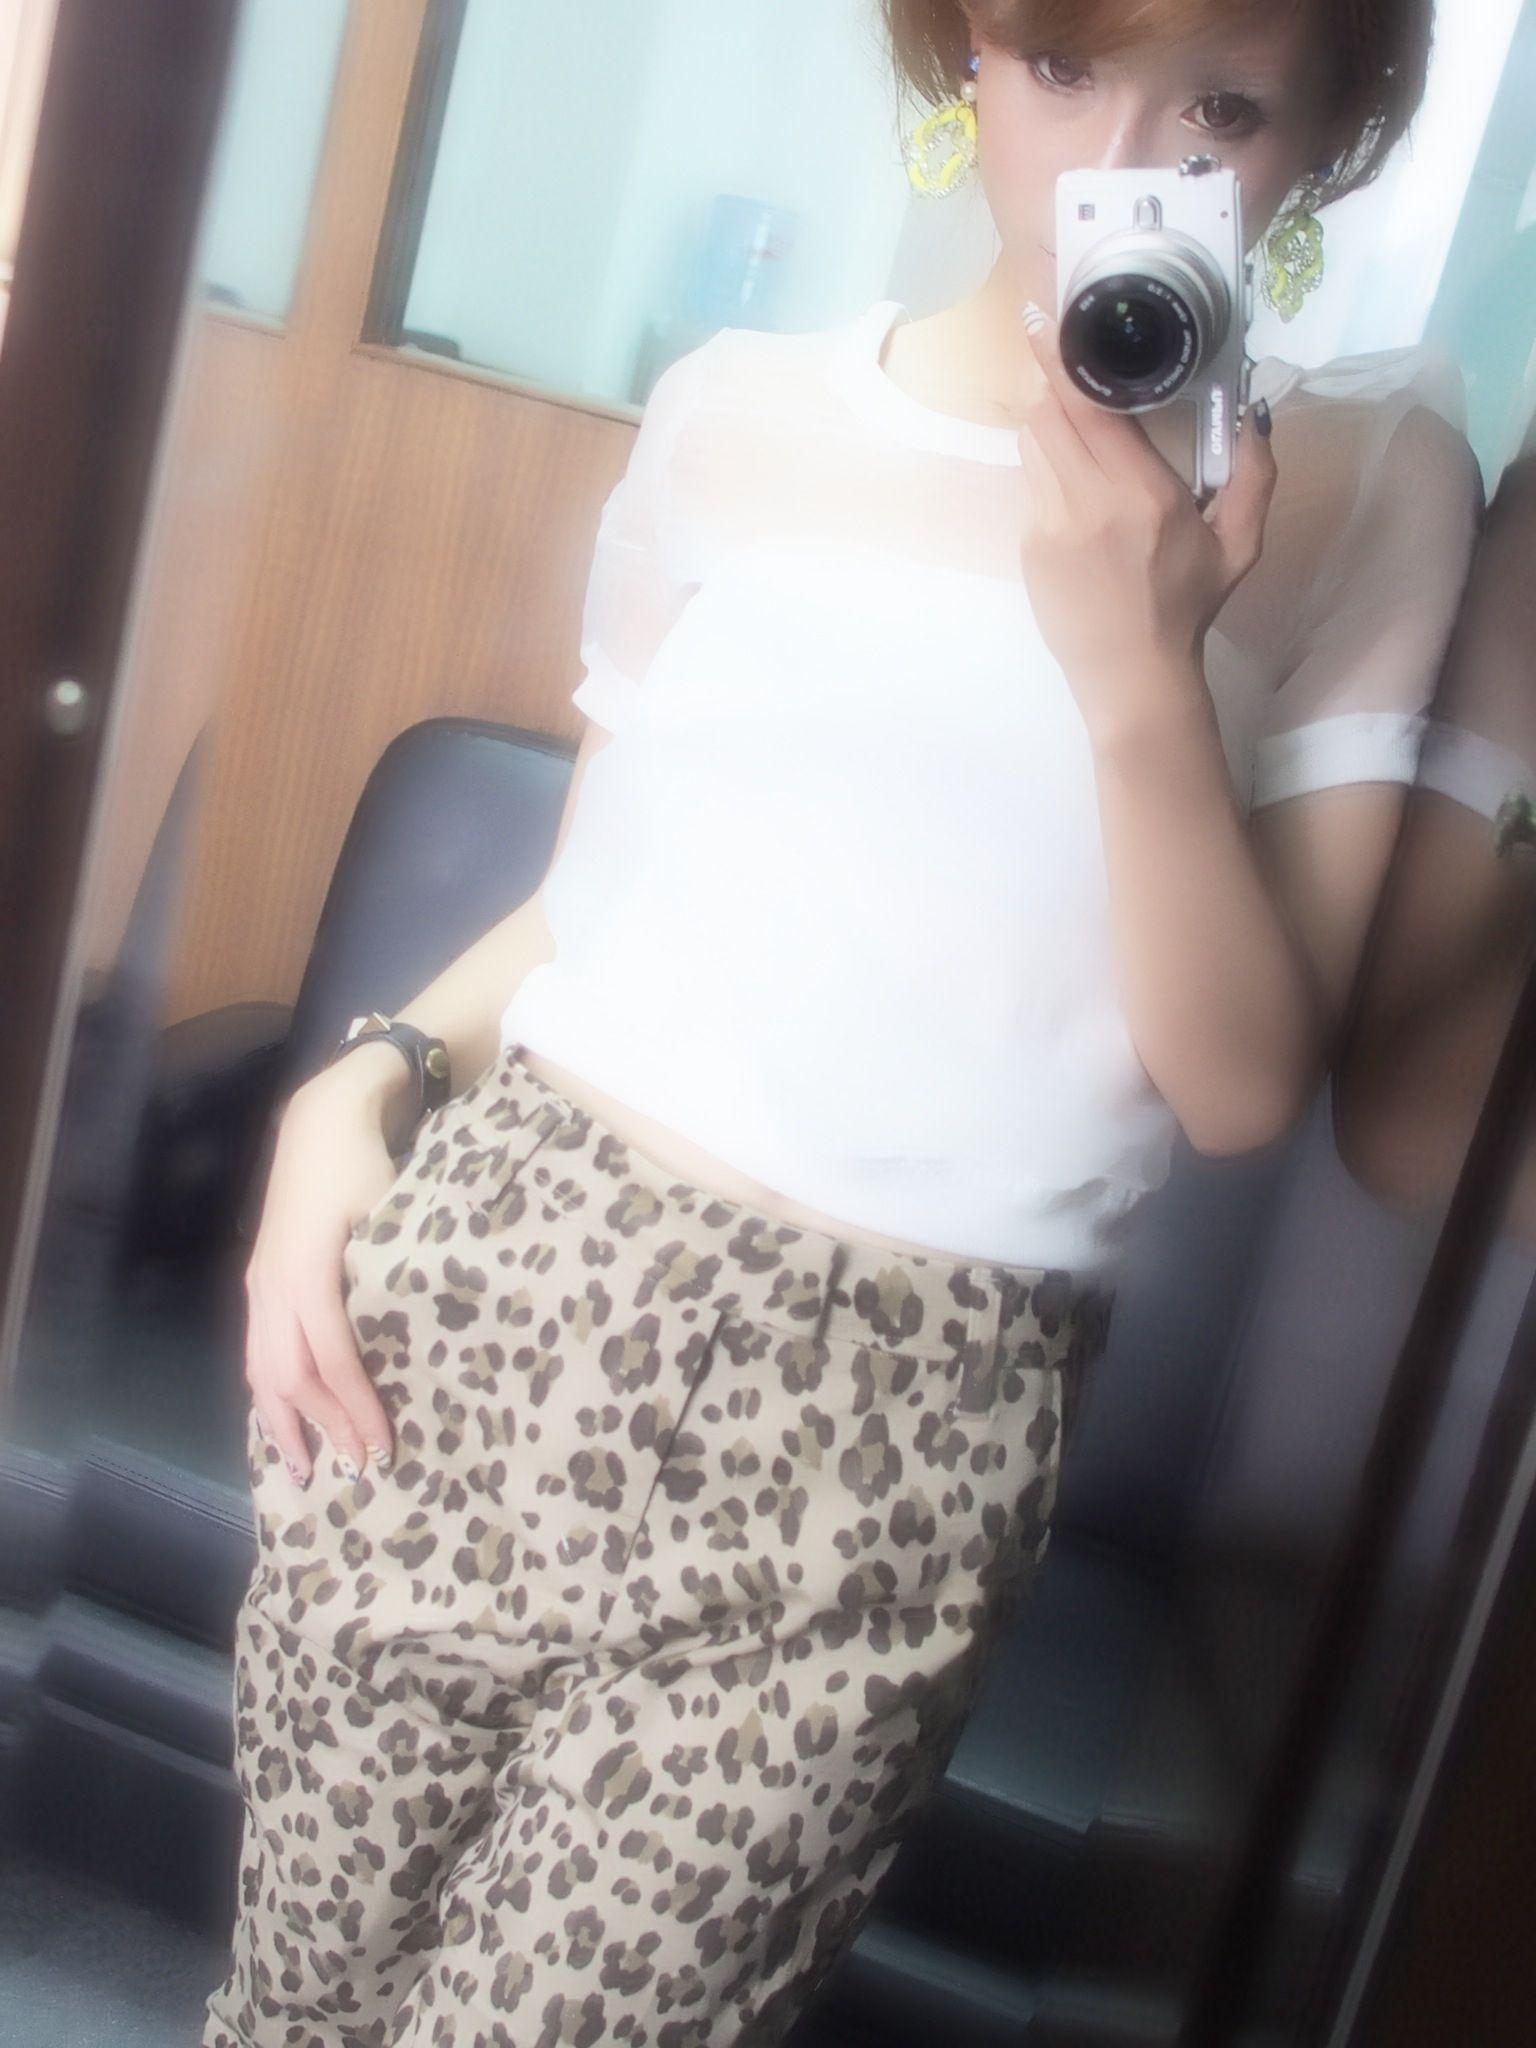 お仕事終わりー。今から家へ向かうよー!!うん、うん、やっぱり暑い…。今日の私服STYLE. パンツ…Cher トップ…Snidel ブレス…NINE ピアス…honey mi honey ではまた♡